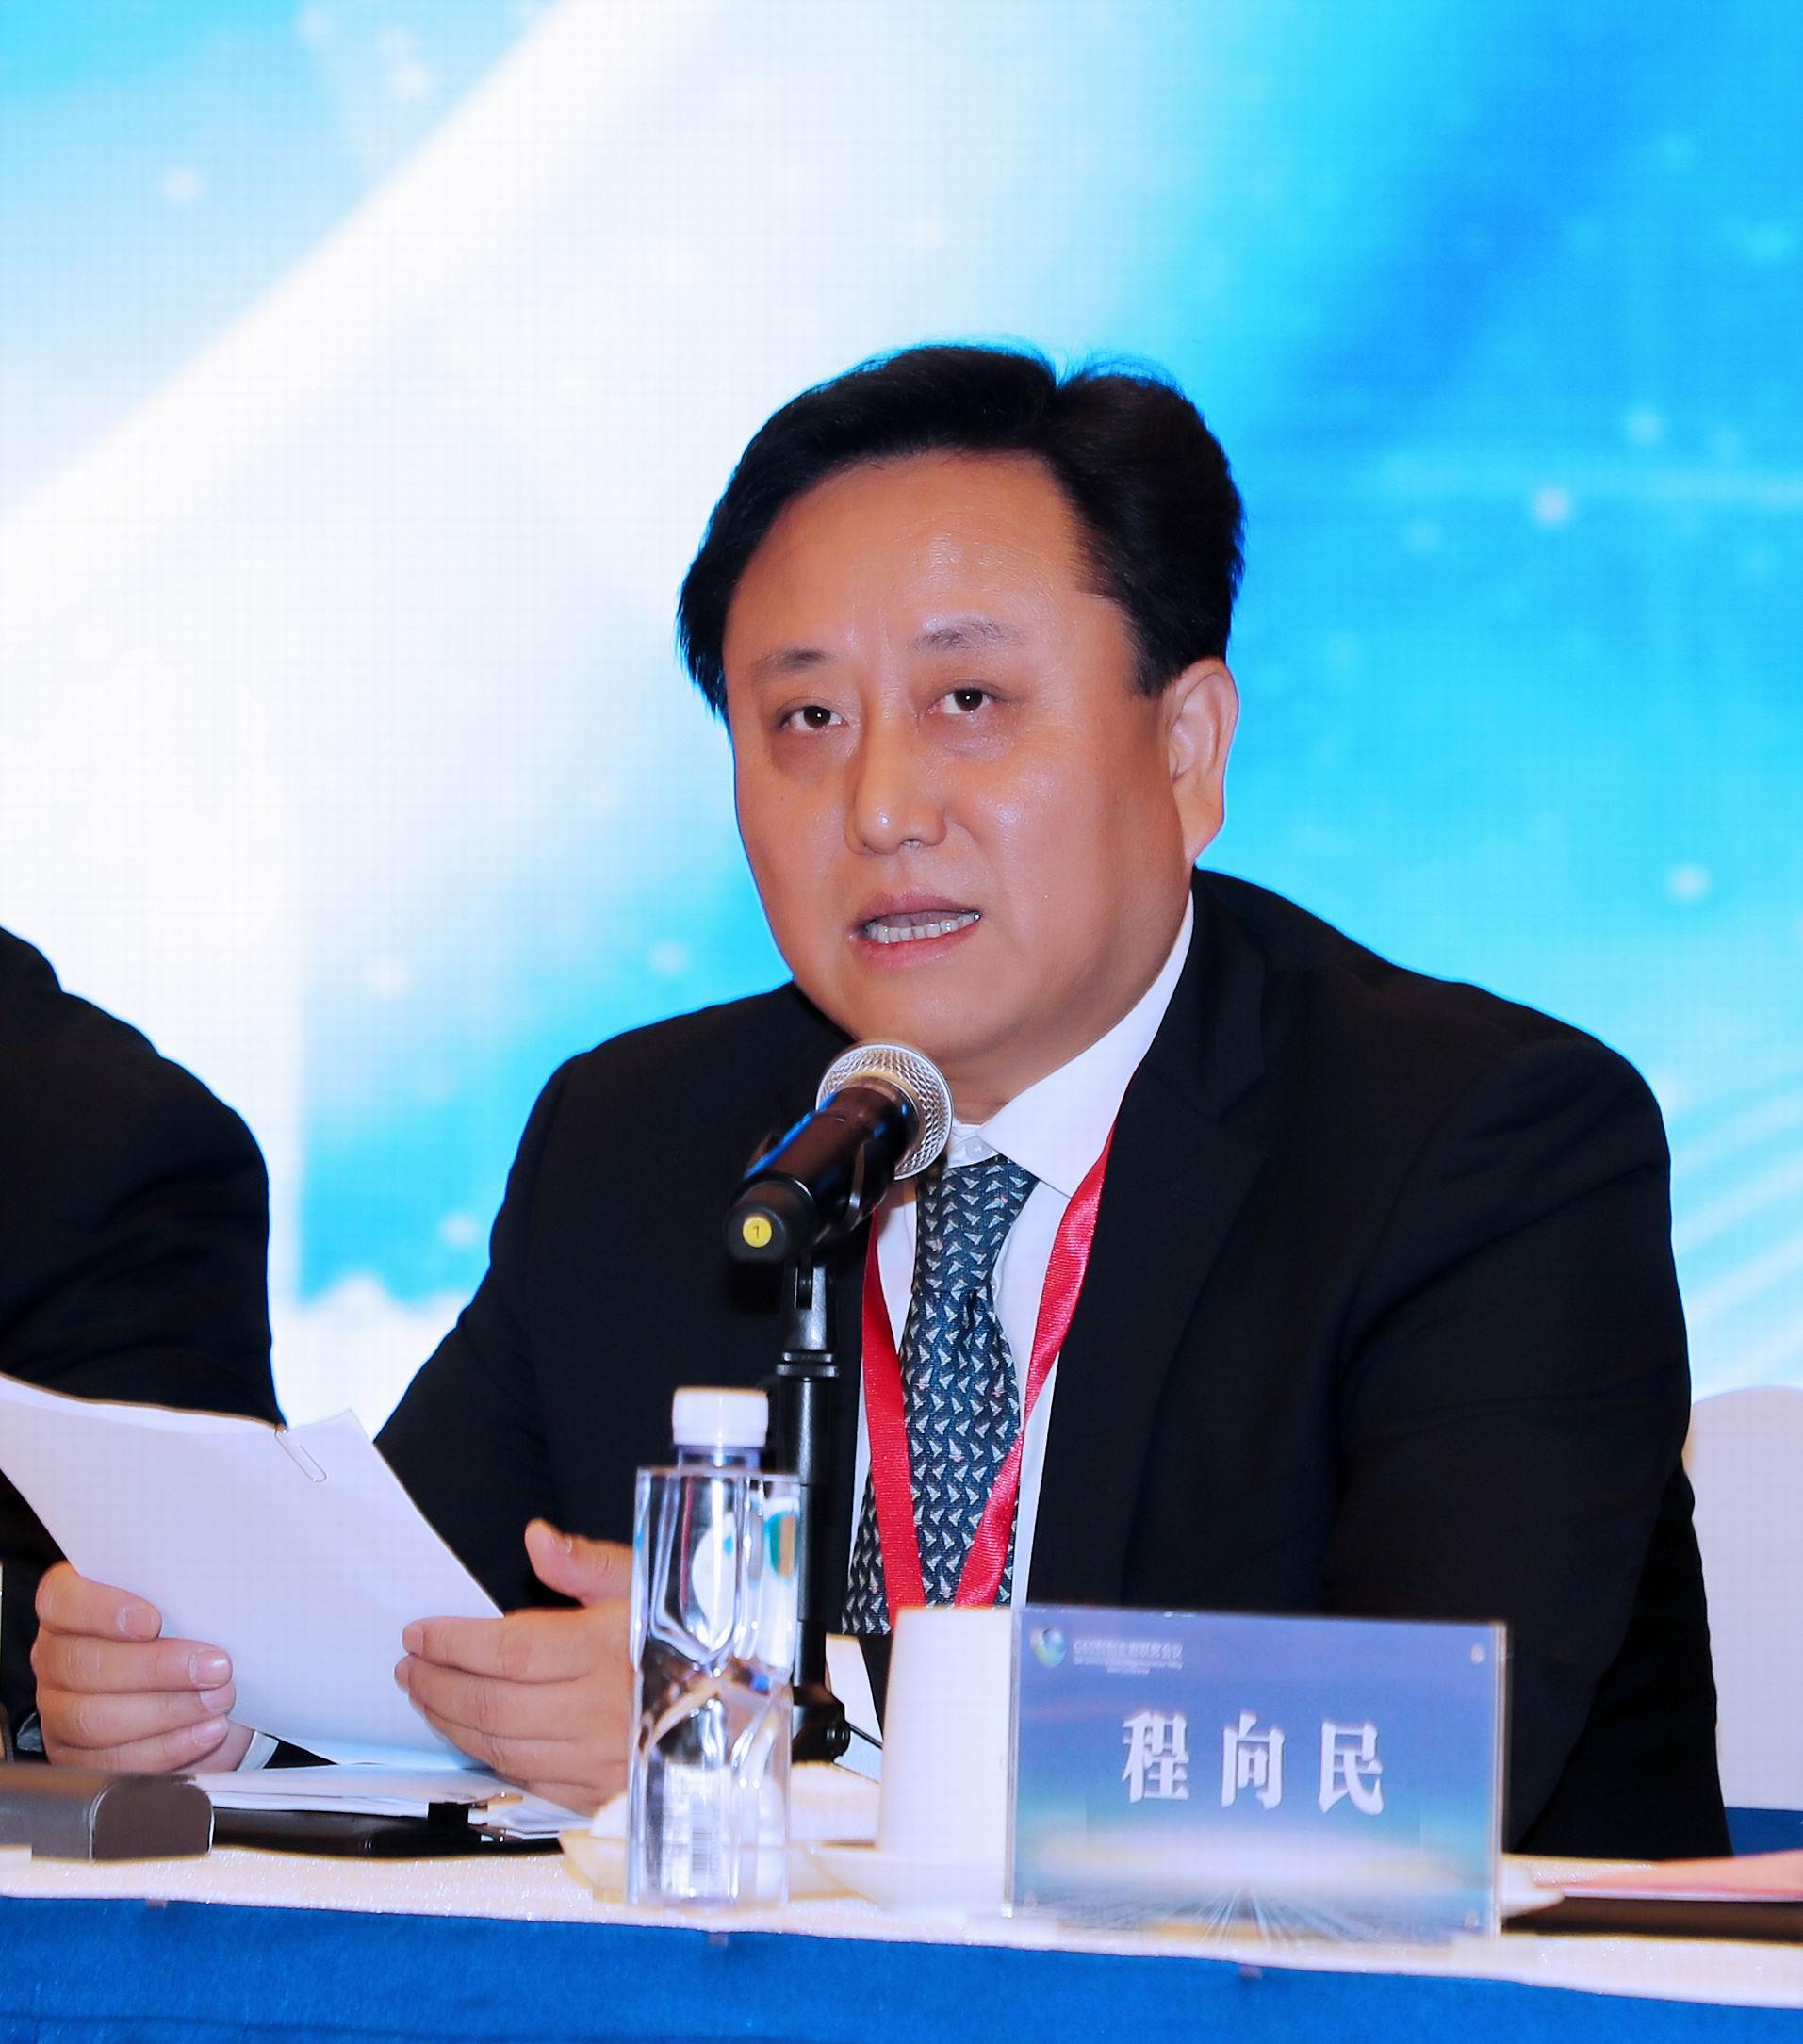 中共松江区委书记程向民在联席会上致辞。鲍筱兰摄